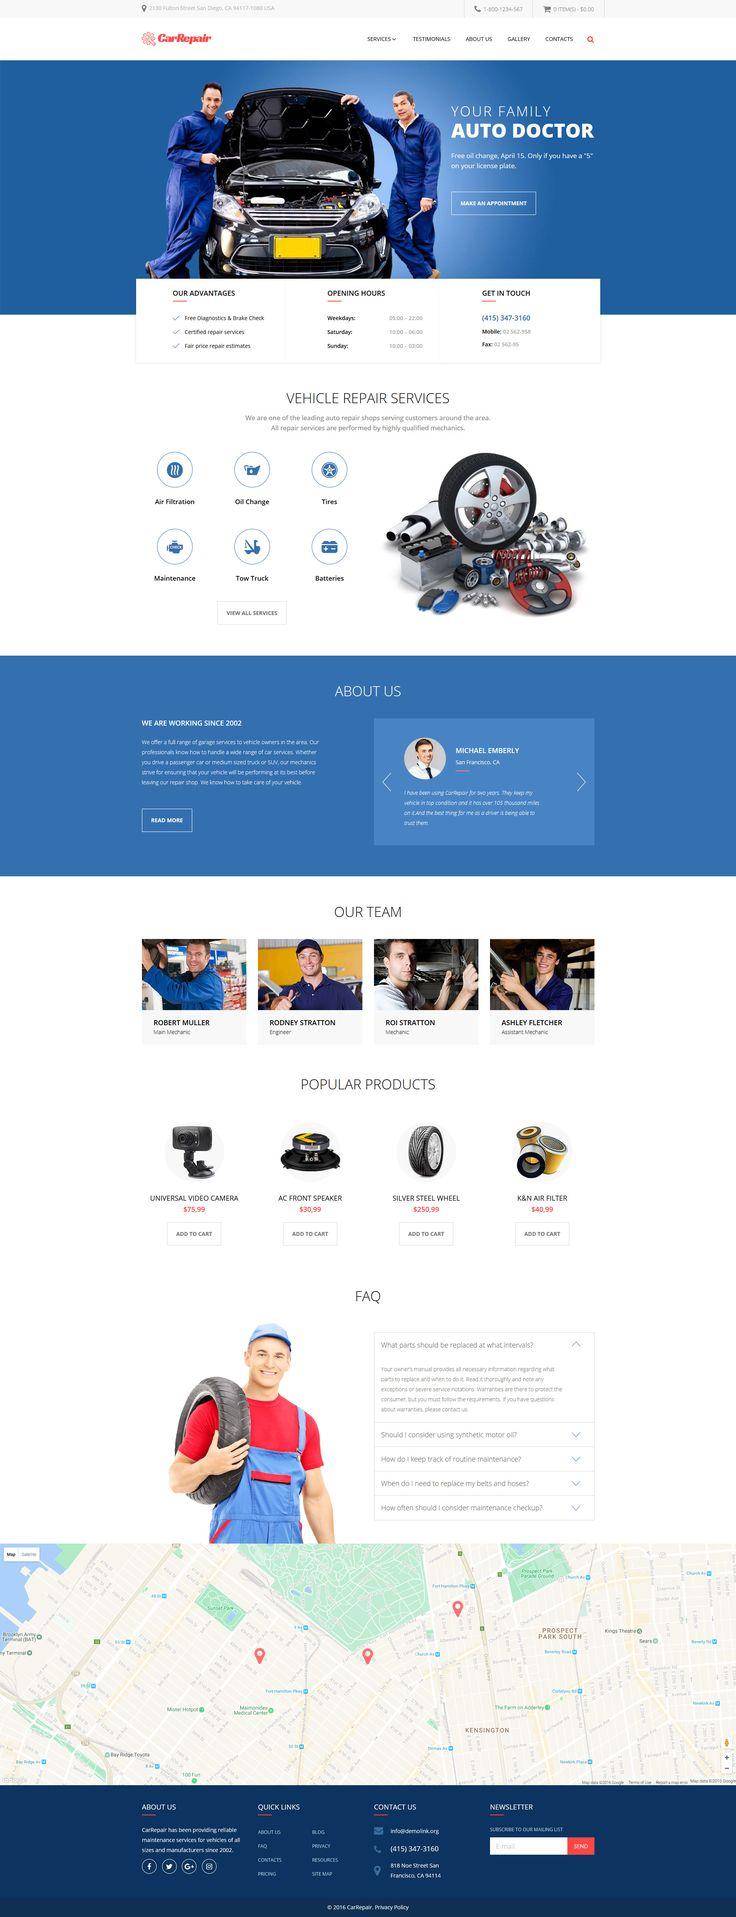 Car repair car repair service responsive website template